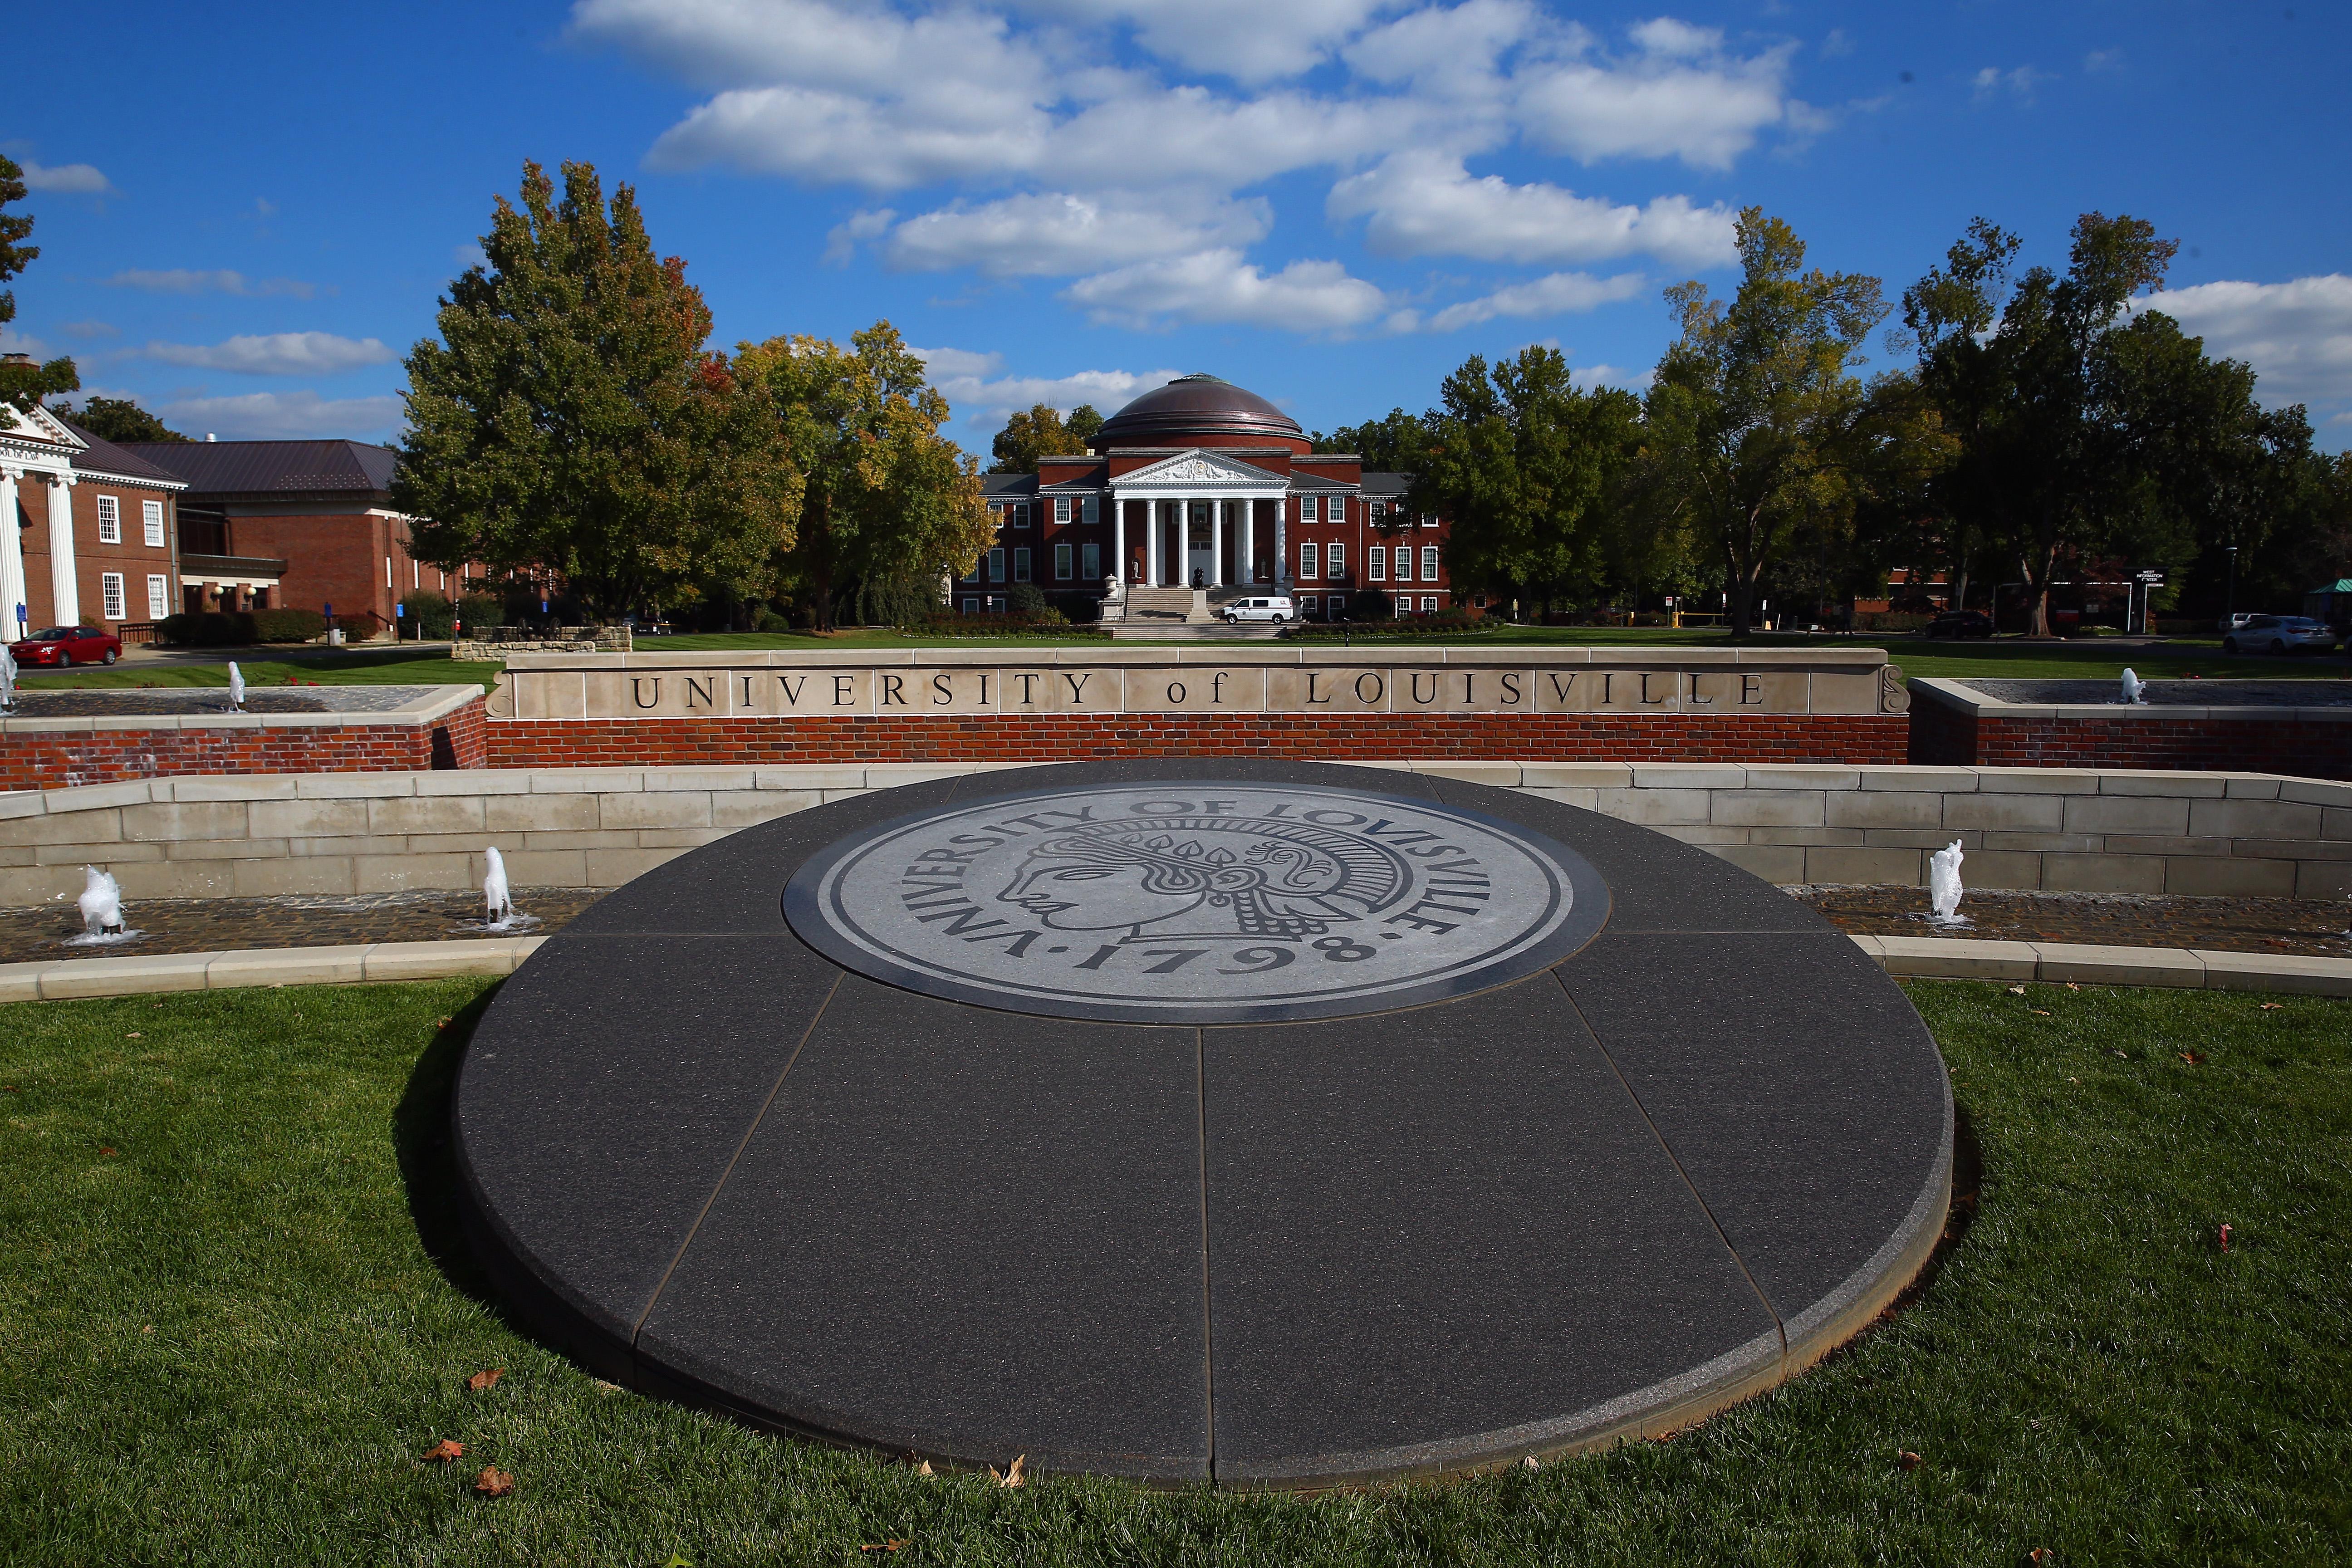 University of  Louisville scenics